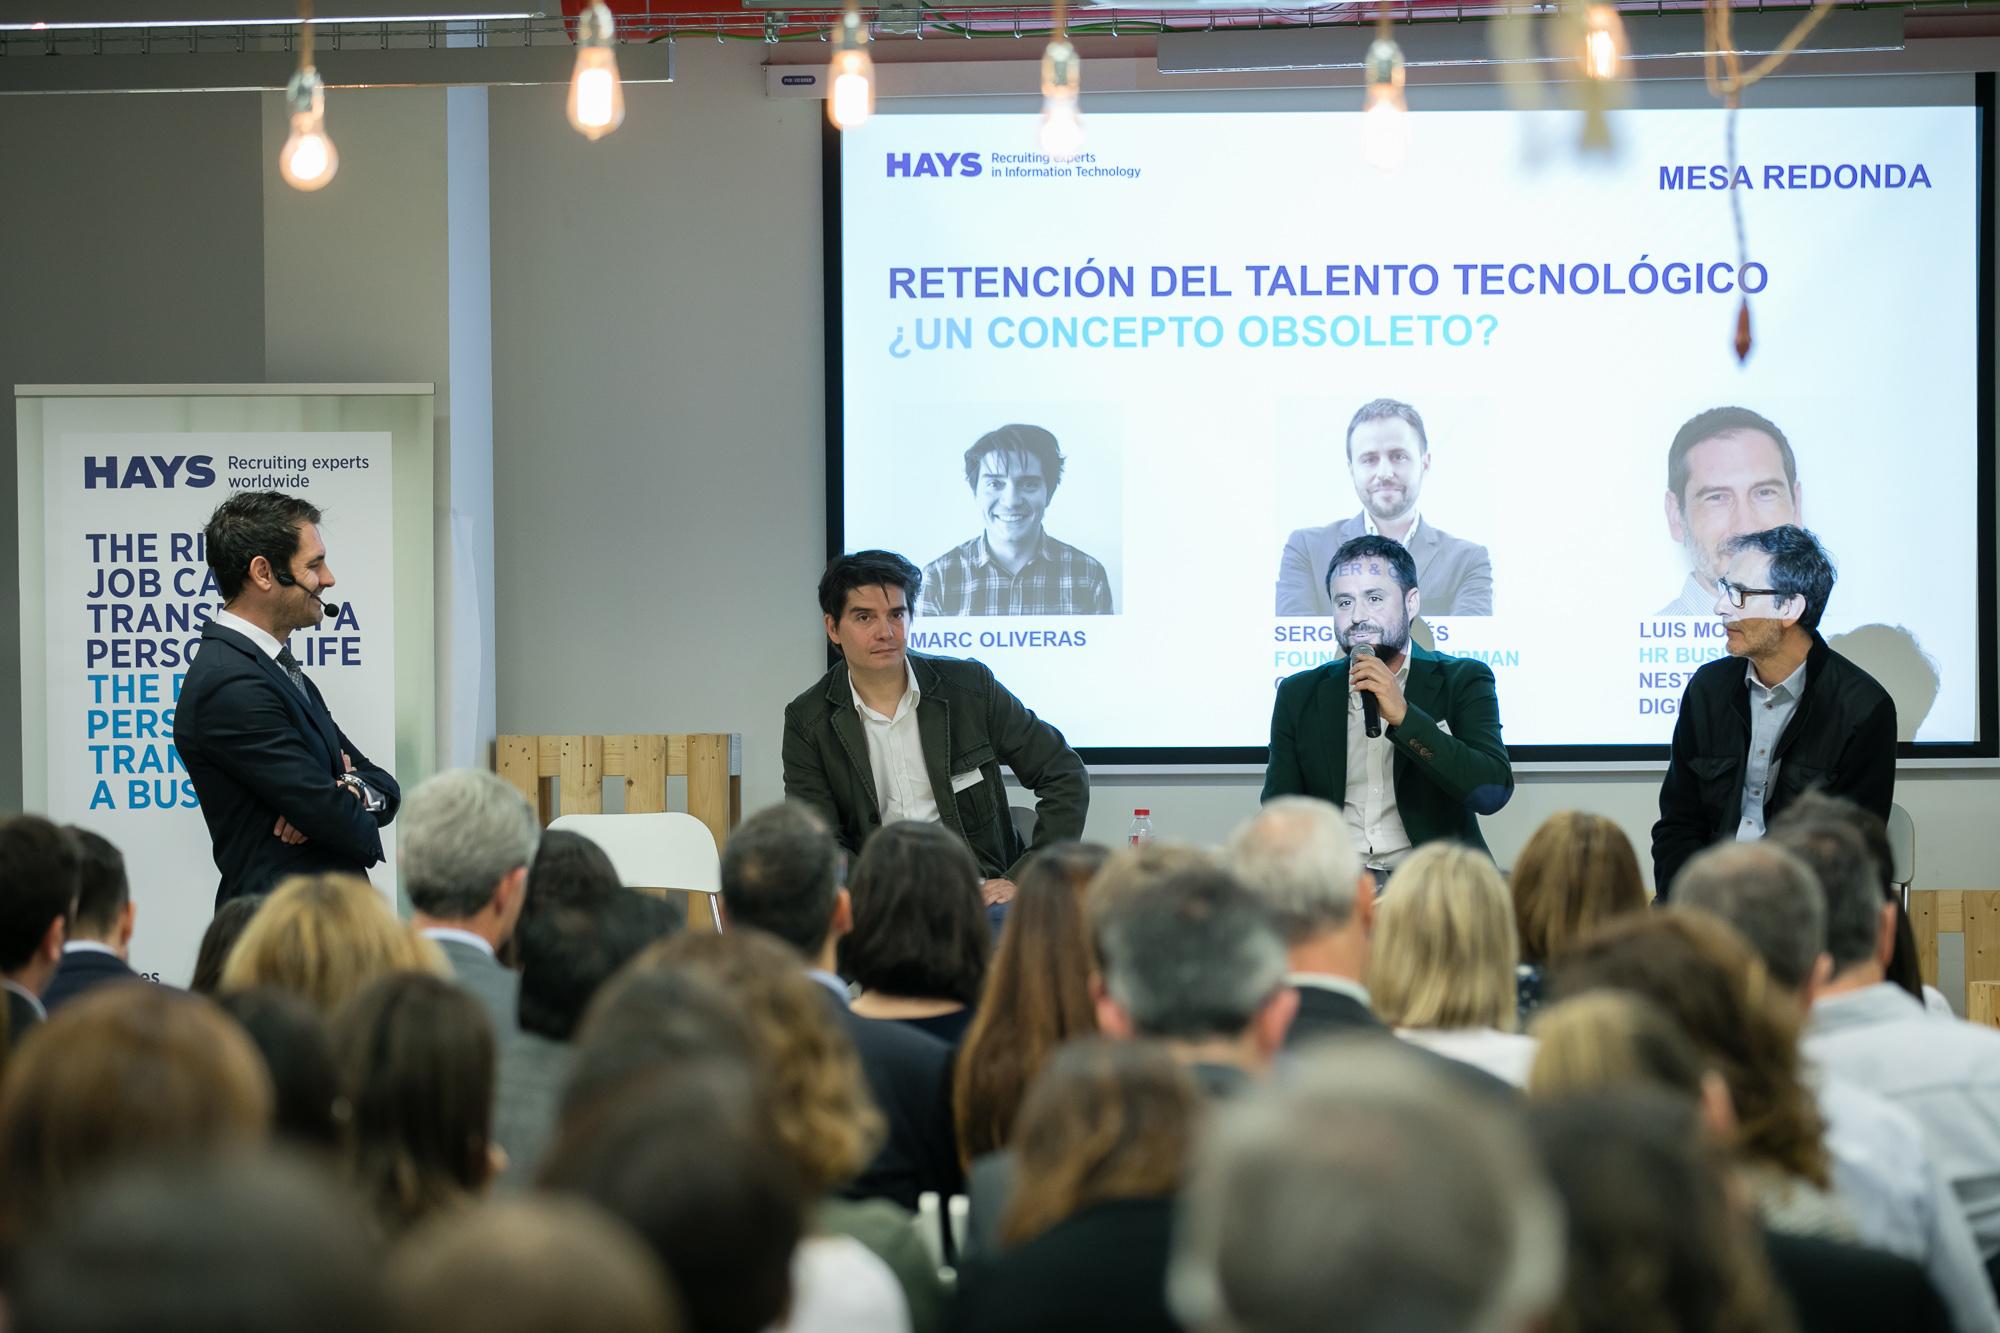 La flexibilidad horaria y el teletrabajo, claves para retener el talento tecnológico en las empresas